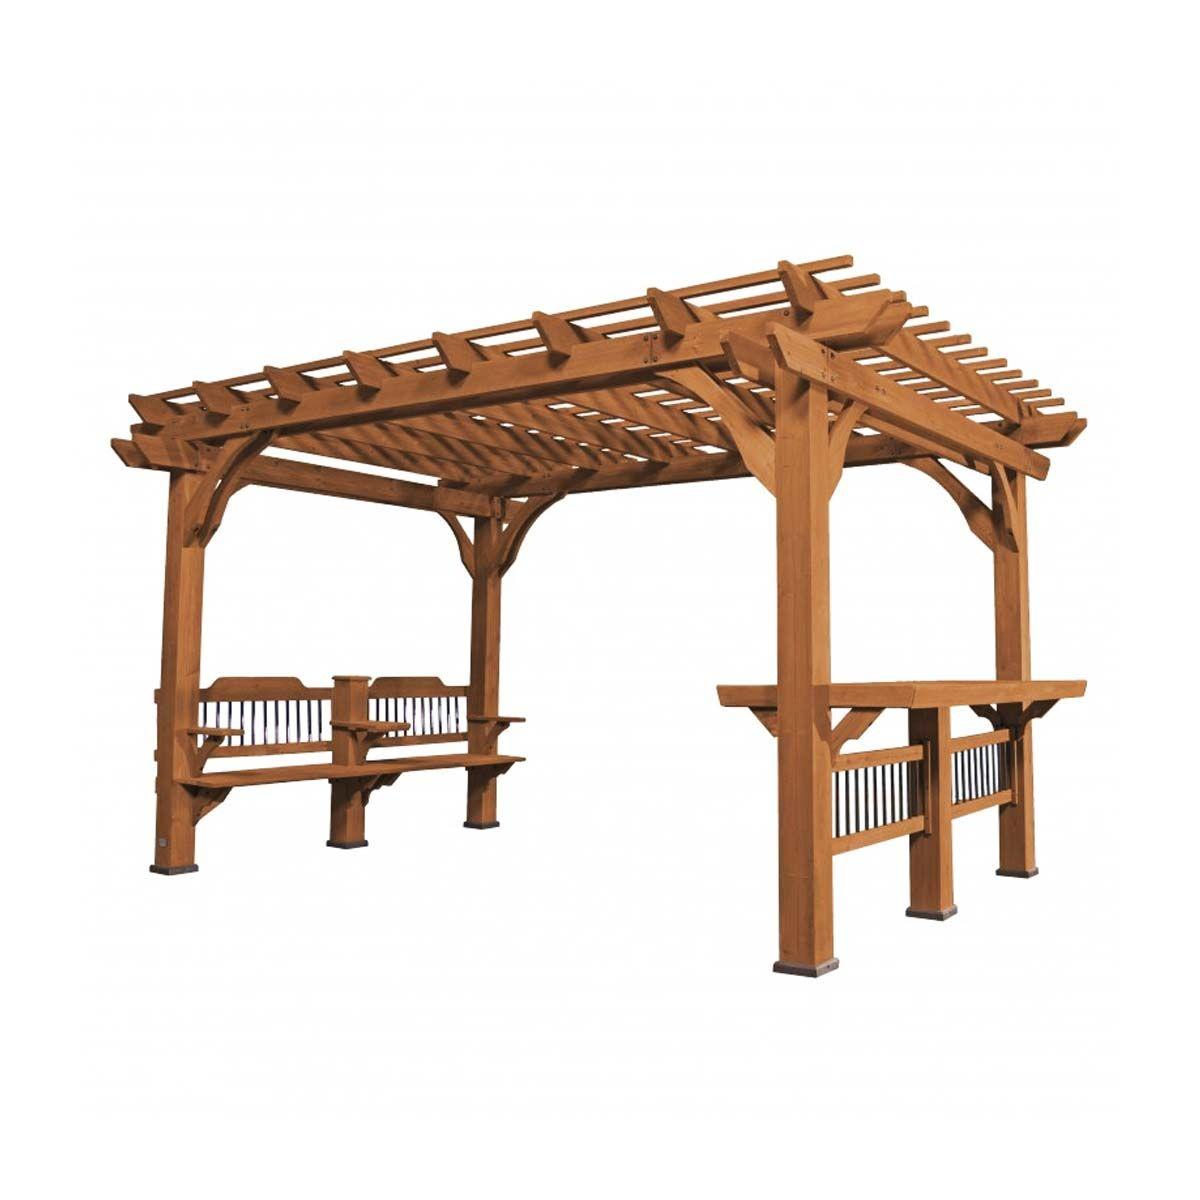 bella vista pergola mit tisch und bank holz terrassen berdachung holzunterstand ebay. Black Bedroom Furniture Sets. Home Design Ideas